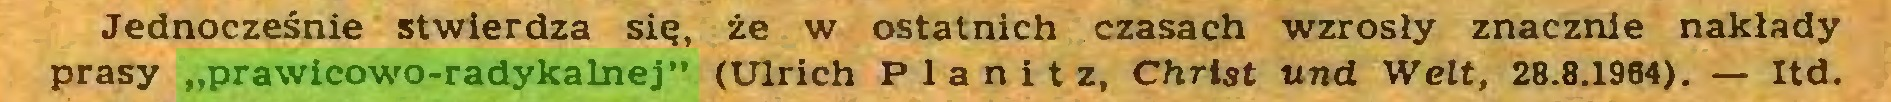 """(...) Jednocześnie stwierdza się, że w ostatnich czasach wzrosły znacznie nakłady prasy """"prawicowo-radykalnej"""" (Ulrich Planitz, Christ und Welt, 28.8.1964). — Itd..."""